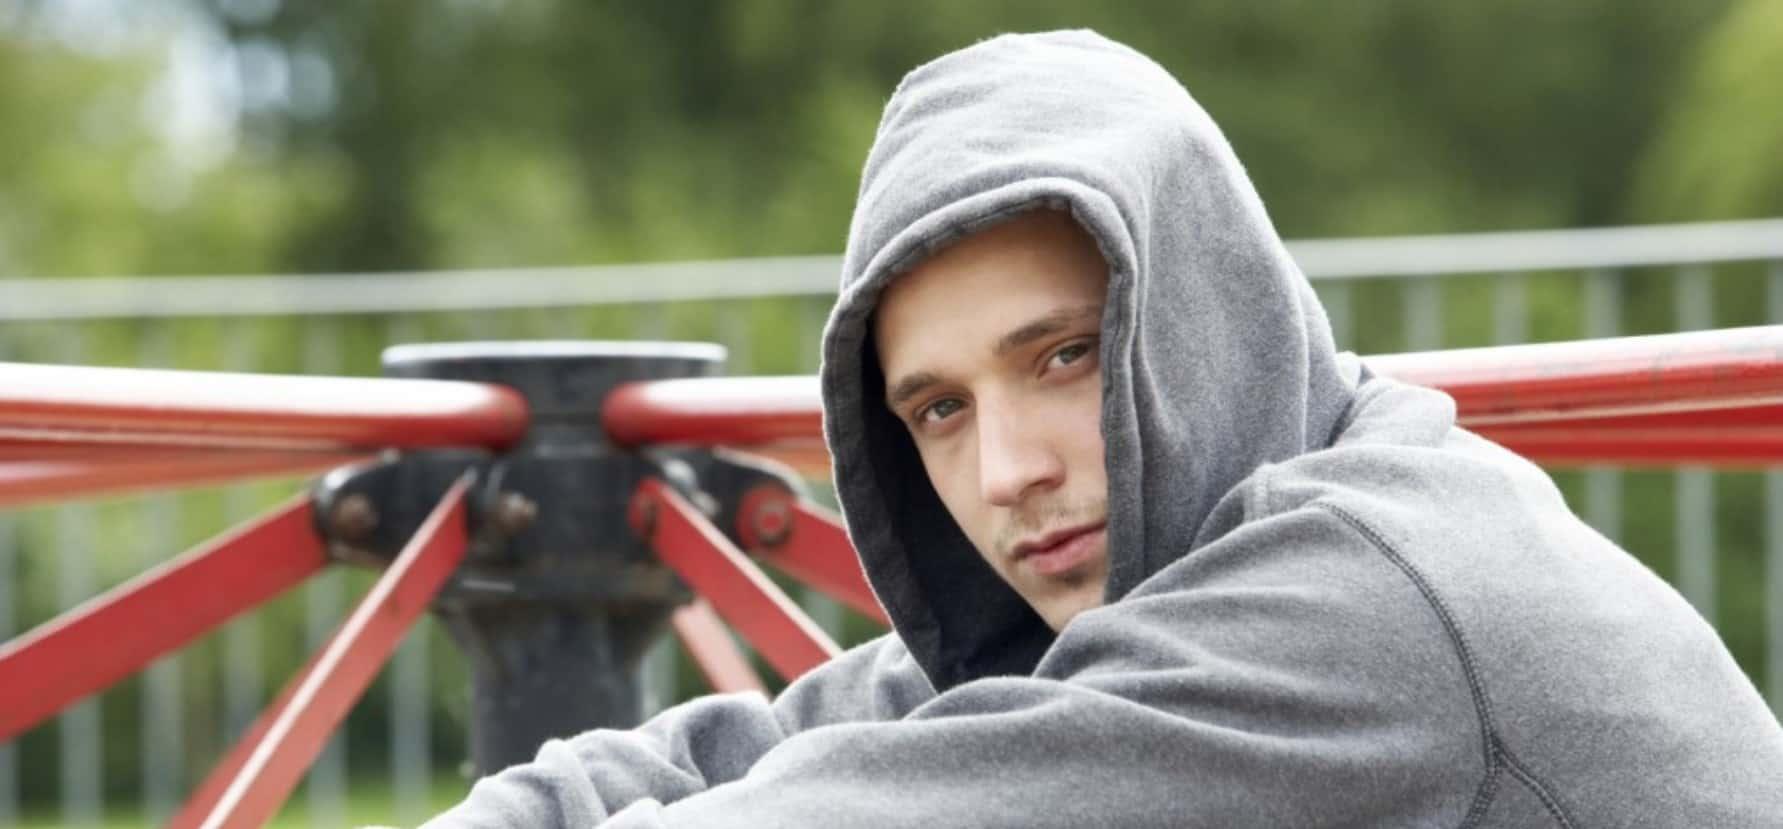 teen boy in hoodie